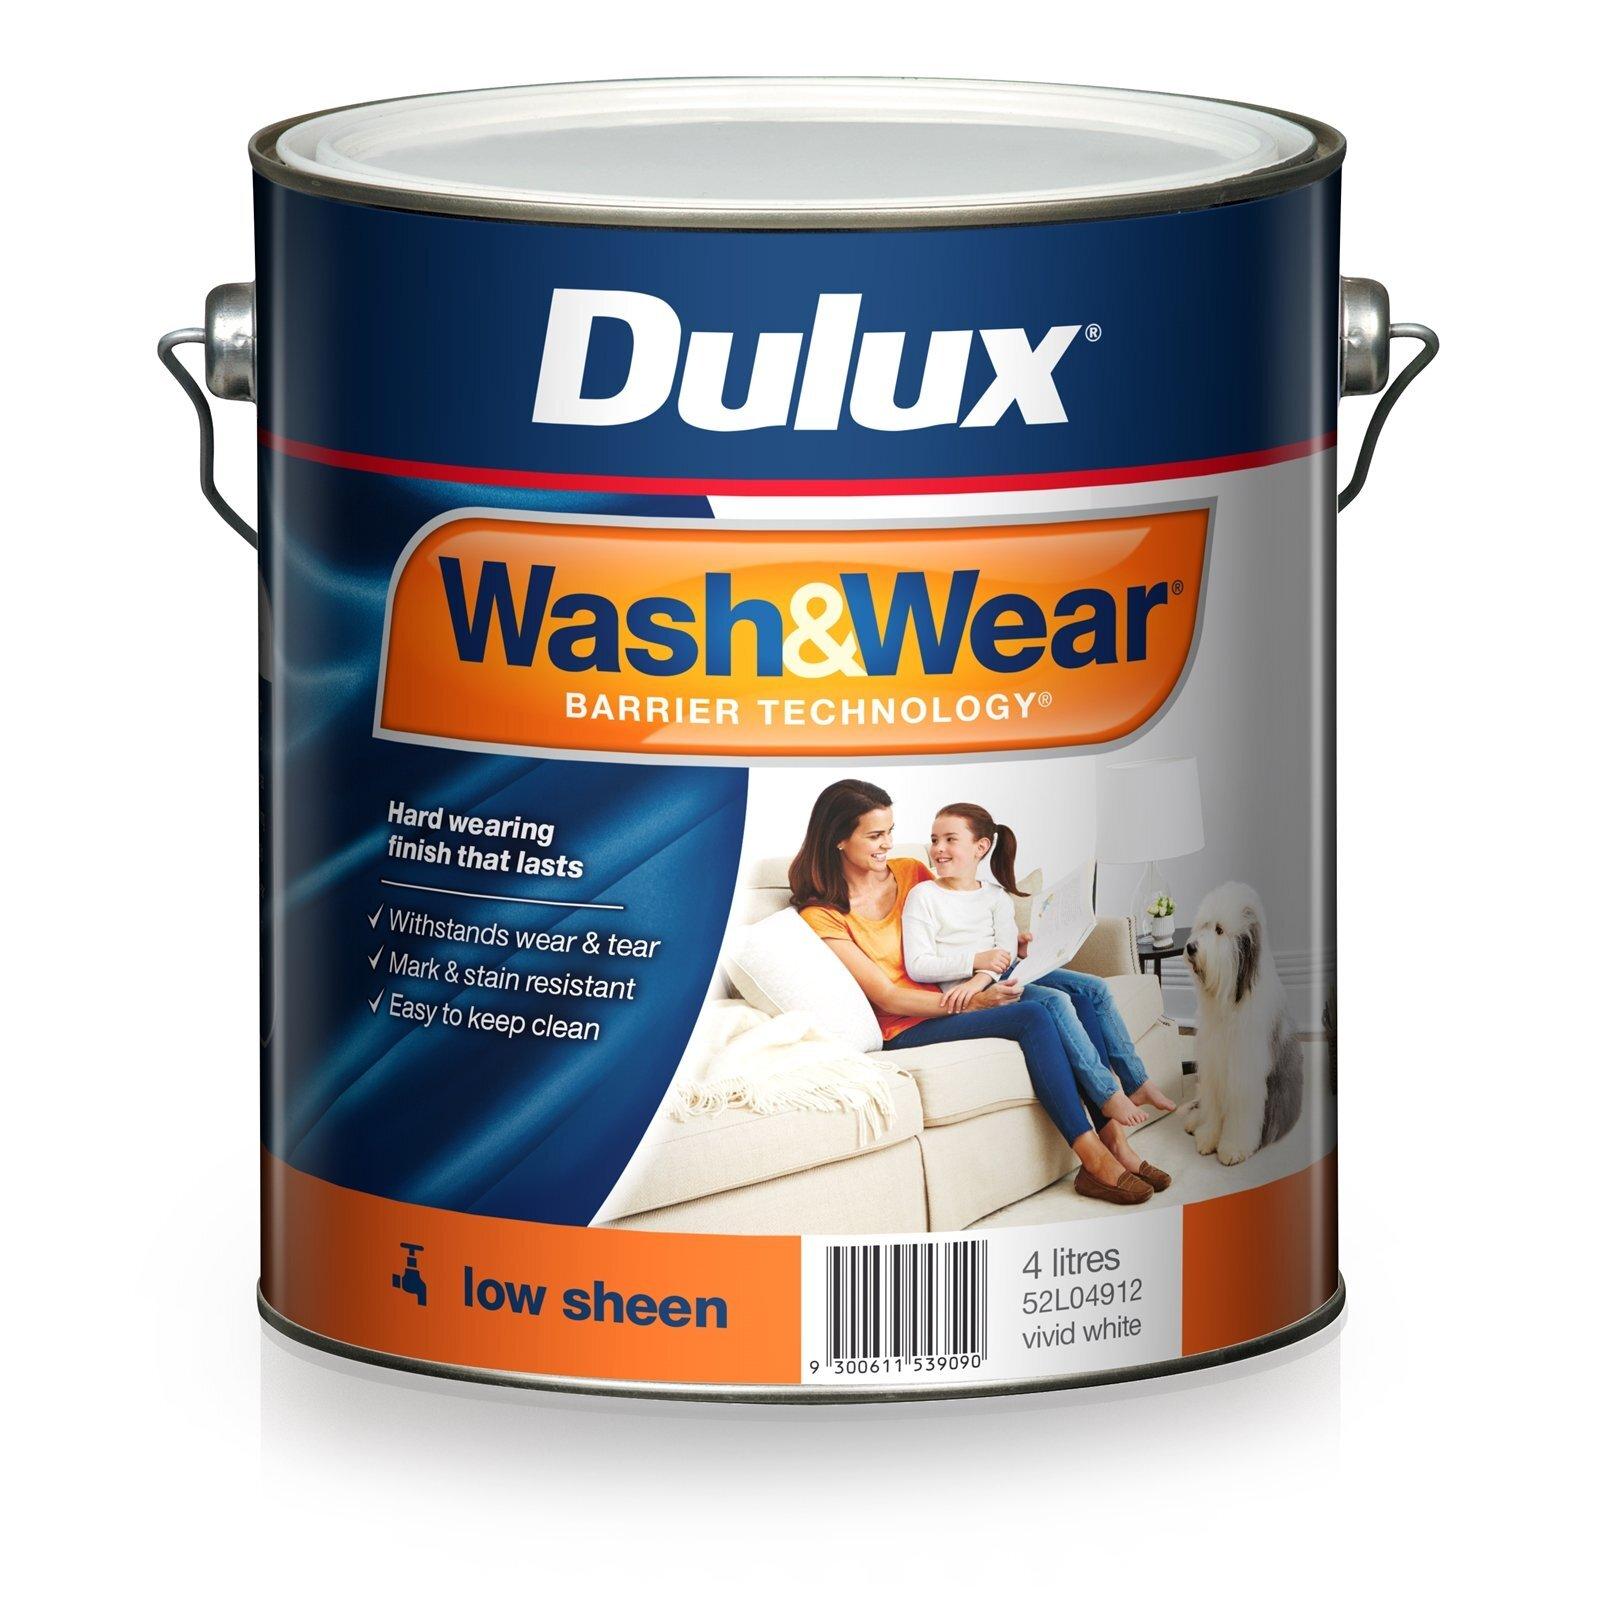 Dulux 4L Vivid White Wash & Wear Low Sheen Interior Paint